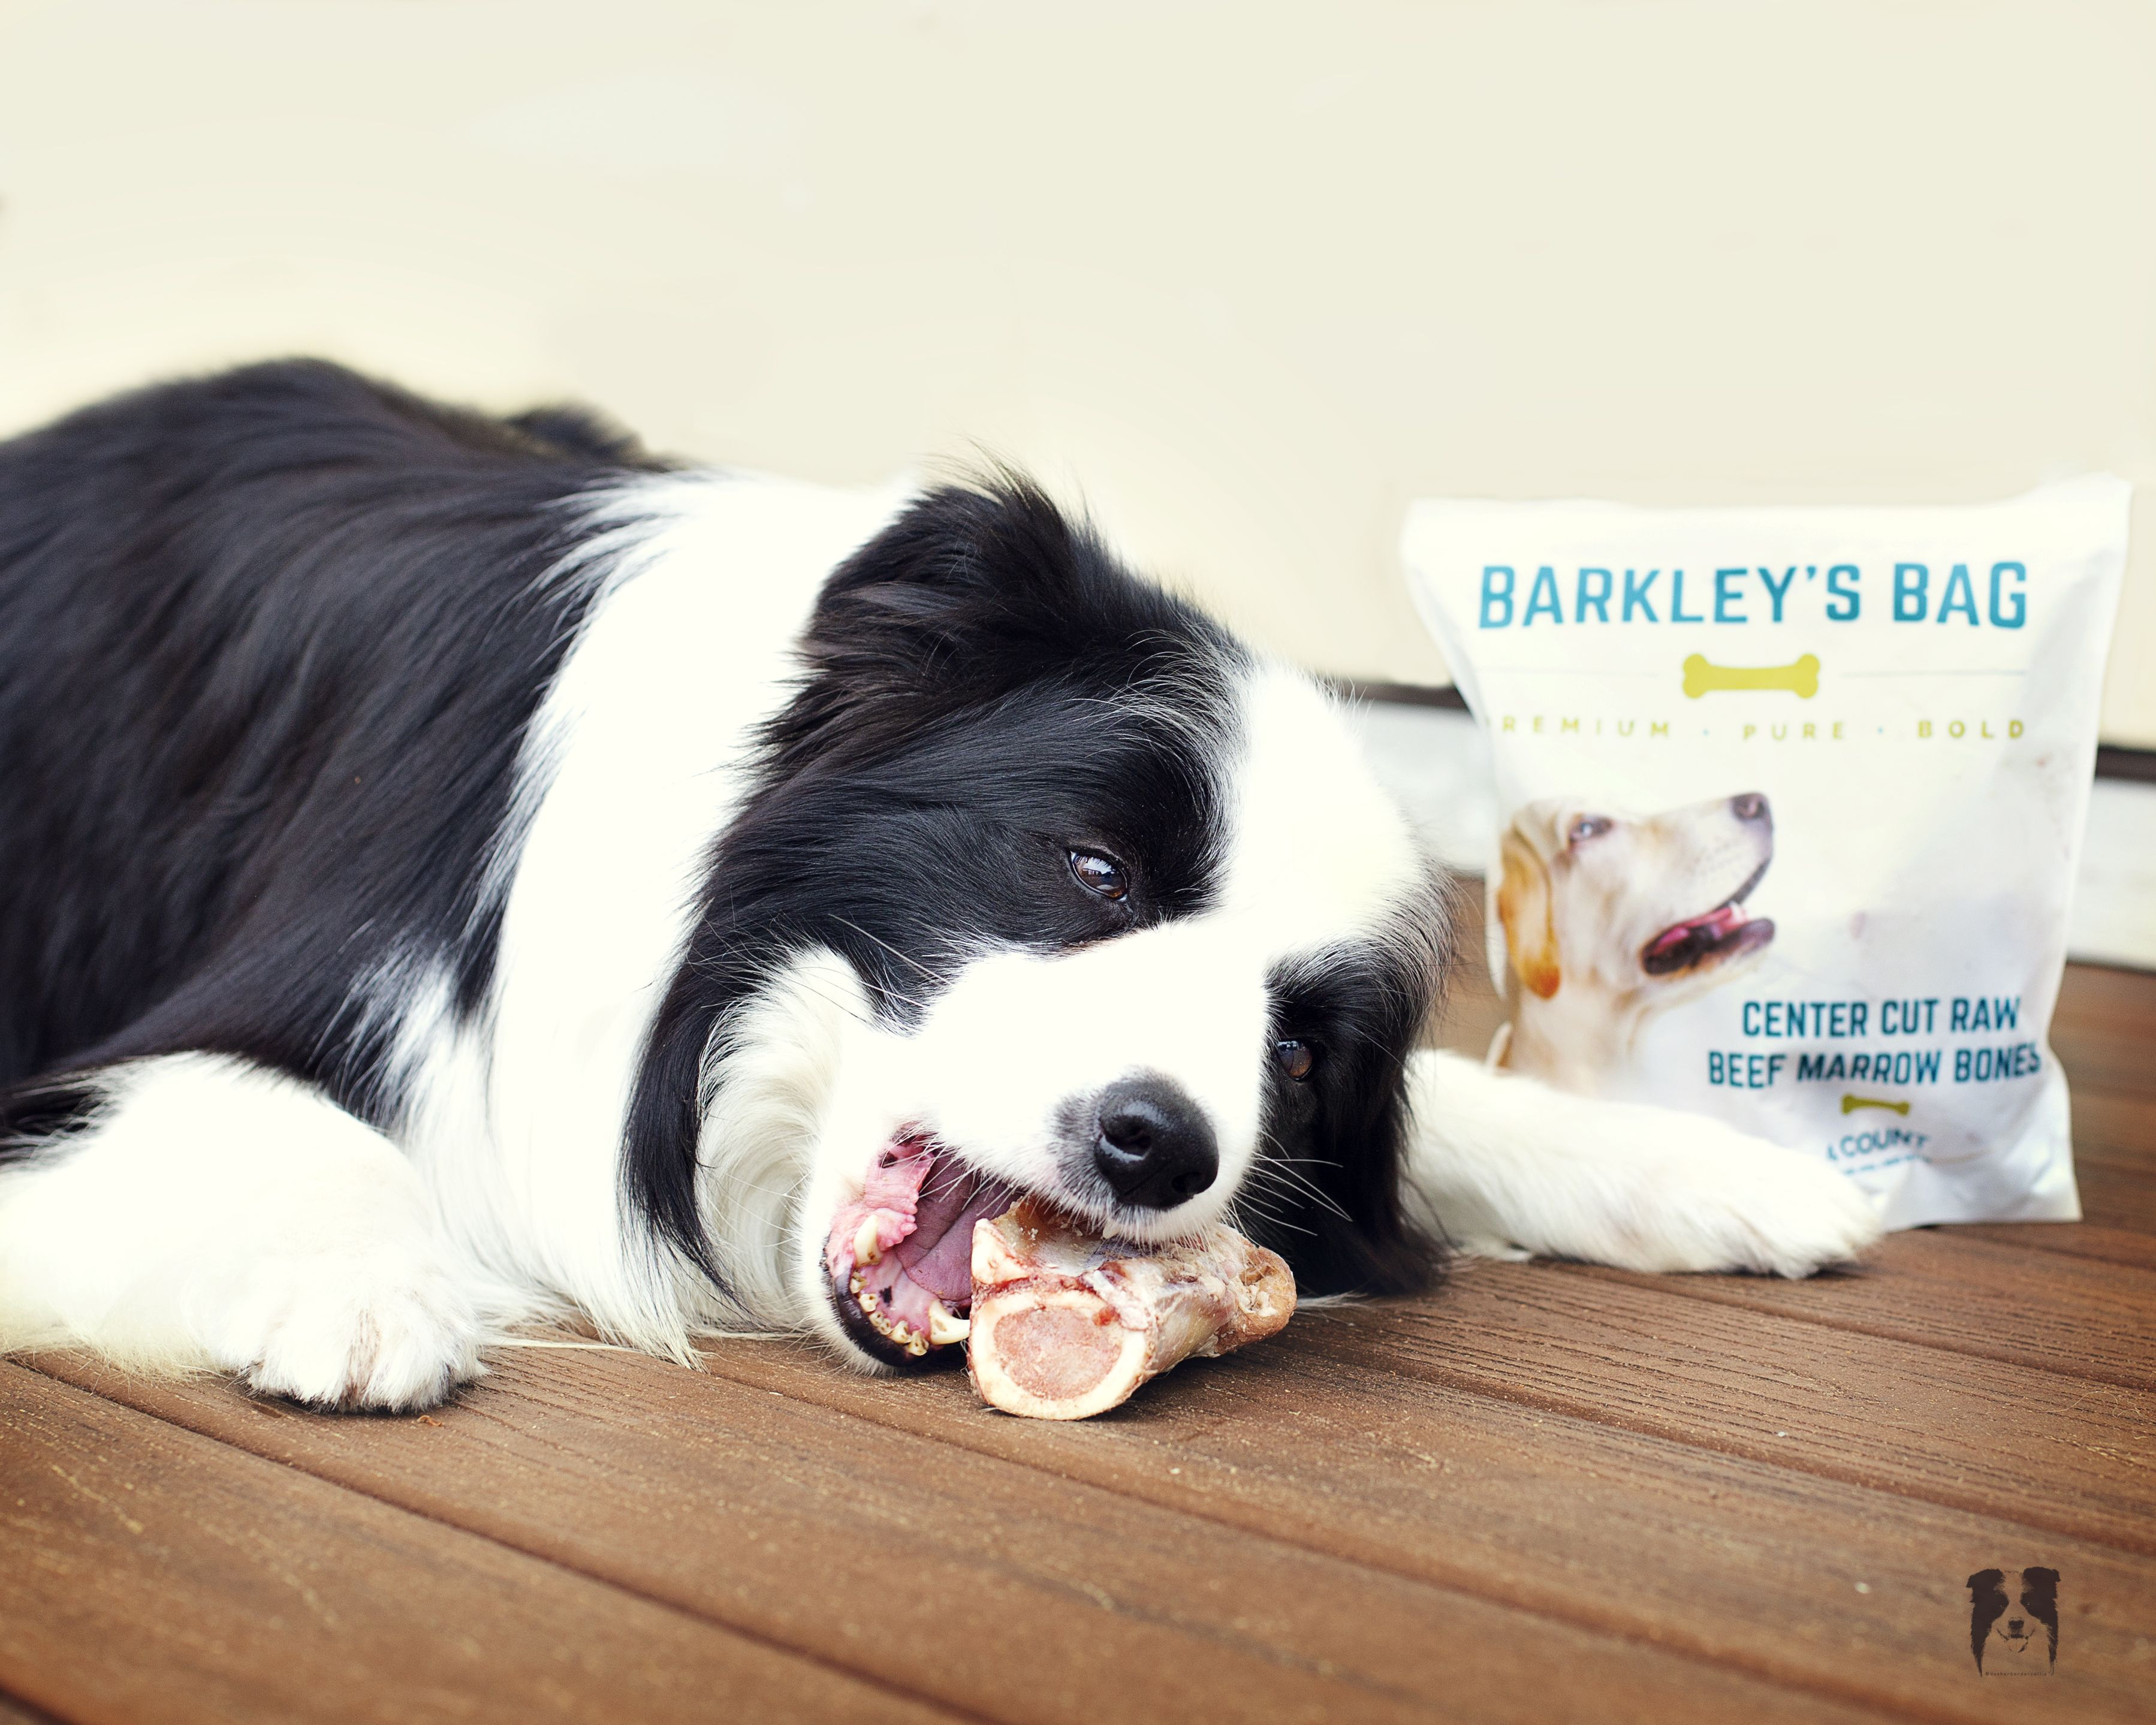 Pin On Barkley S Bag Raw Beef Marrow Bones